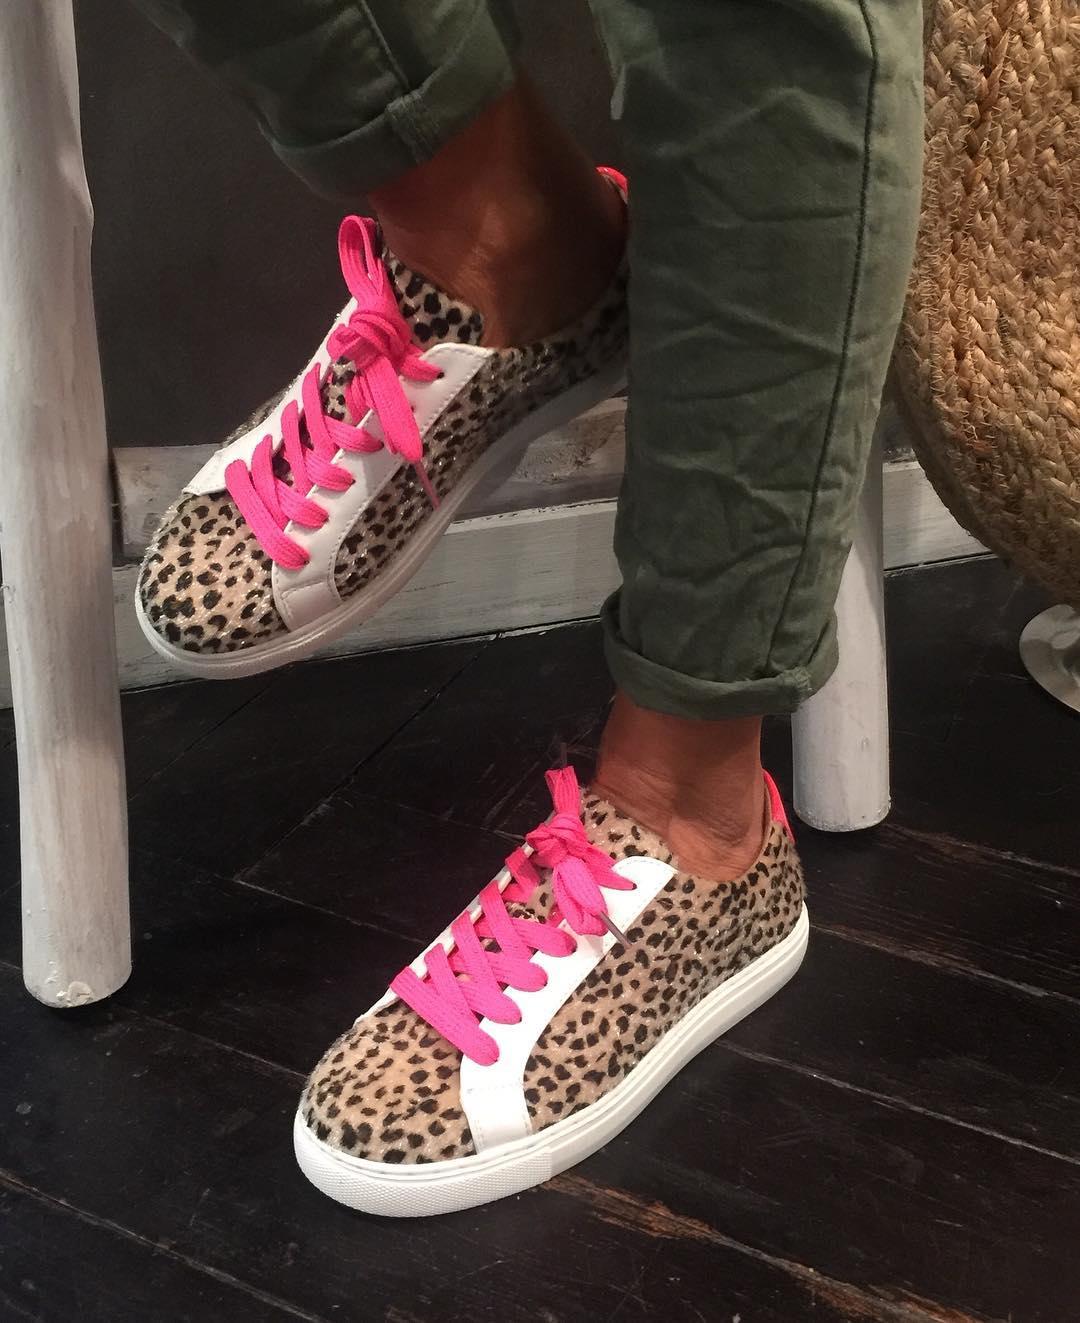 baskets leopard / fluo de Les Bourgeoises sur jade_et_lisa_